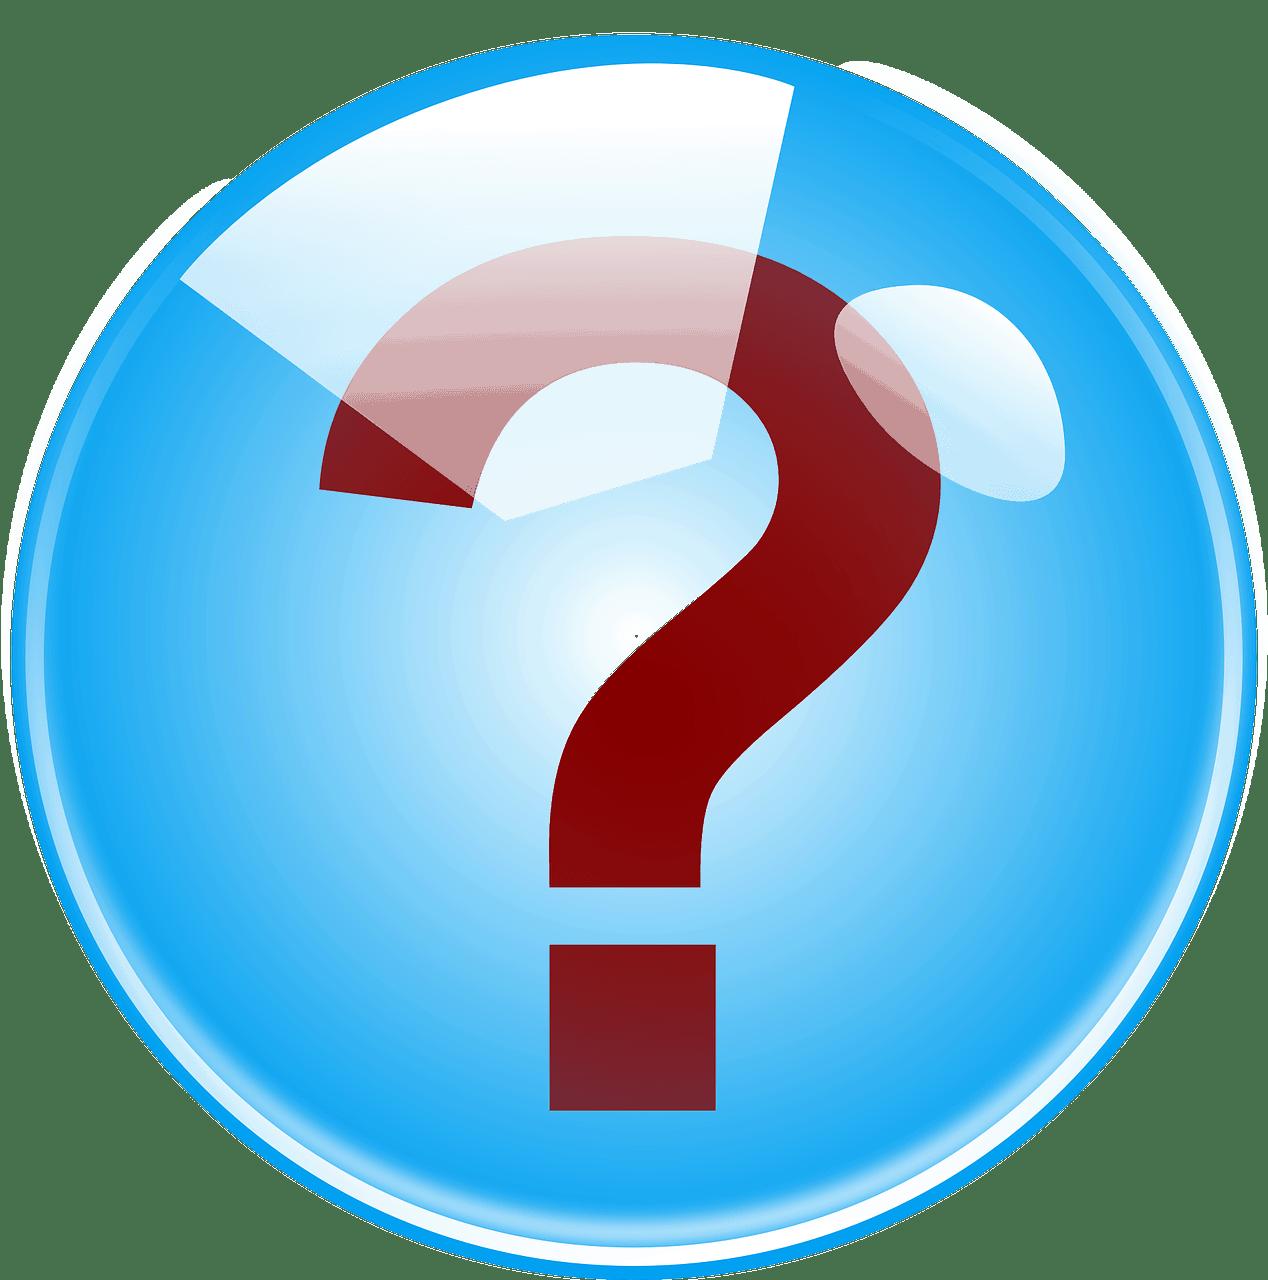 sesion de preguntas y respuestas